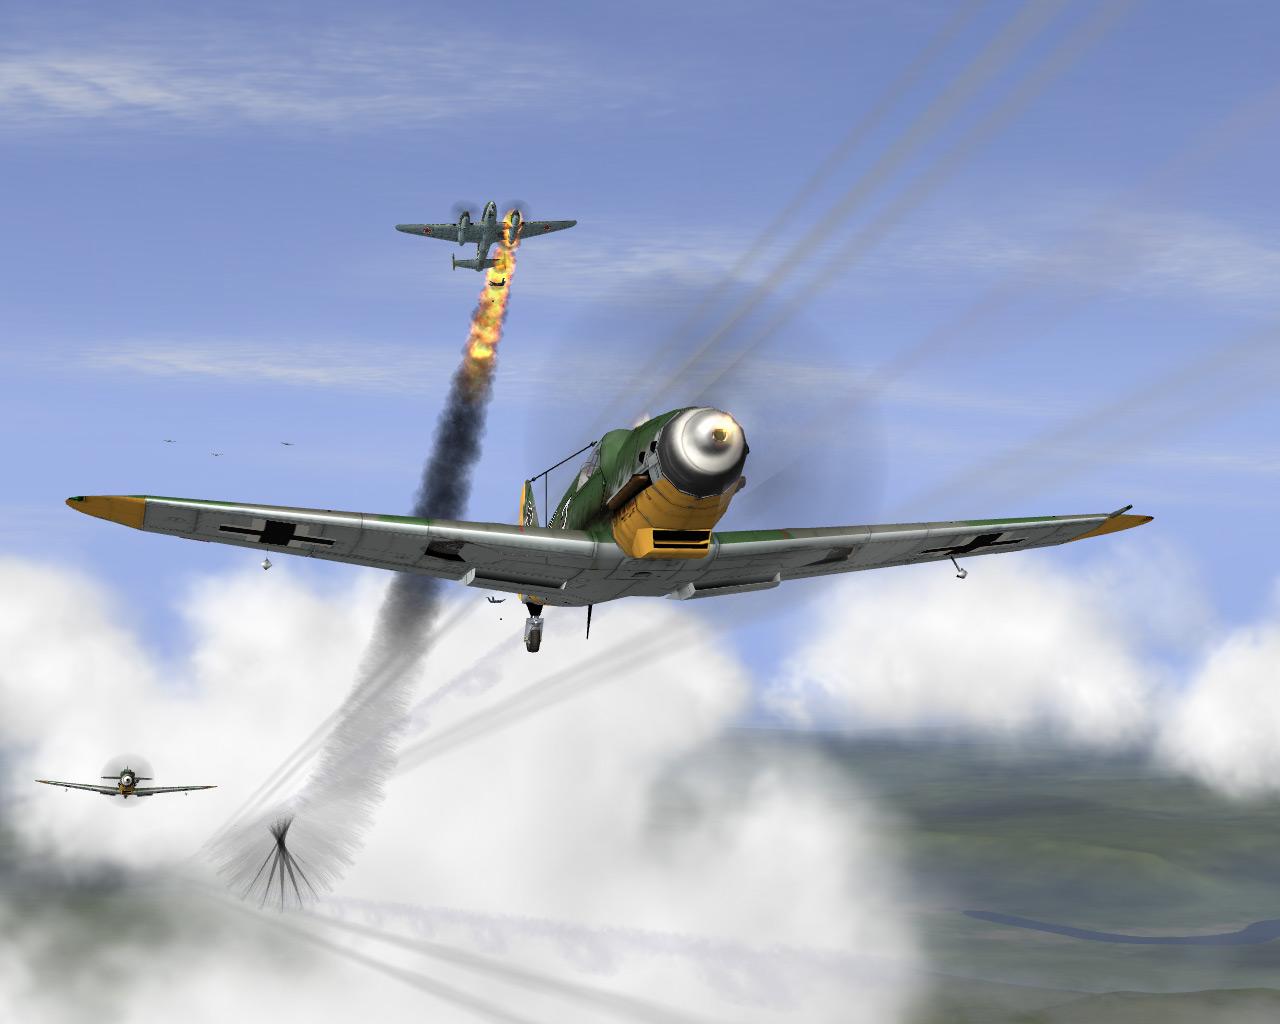 Истории пикирующего бомбардировщика Воздушный бой